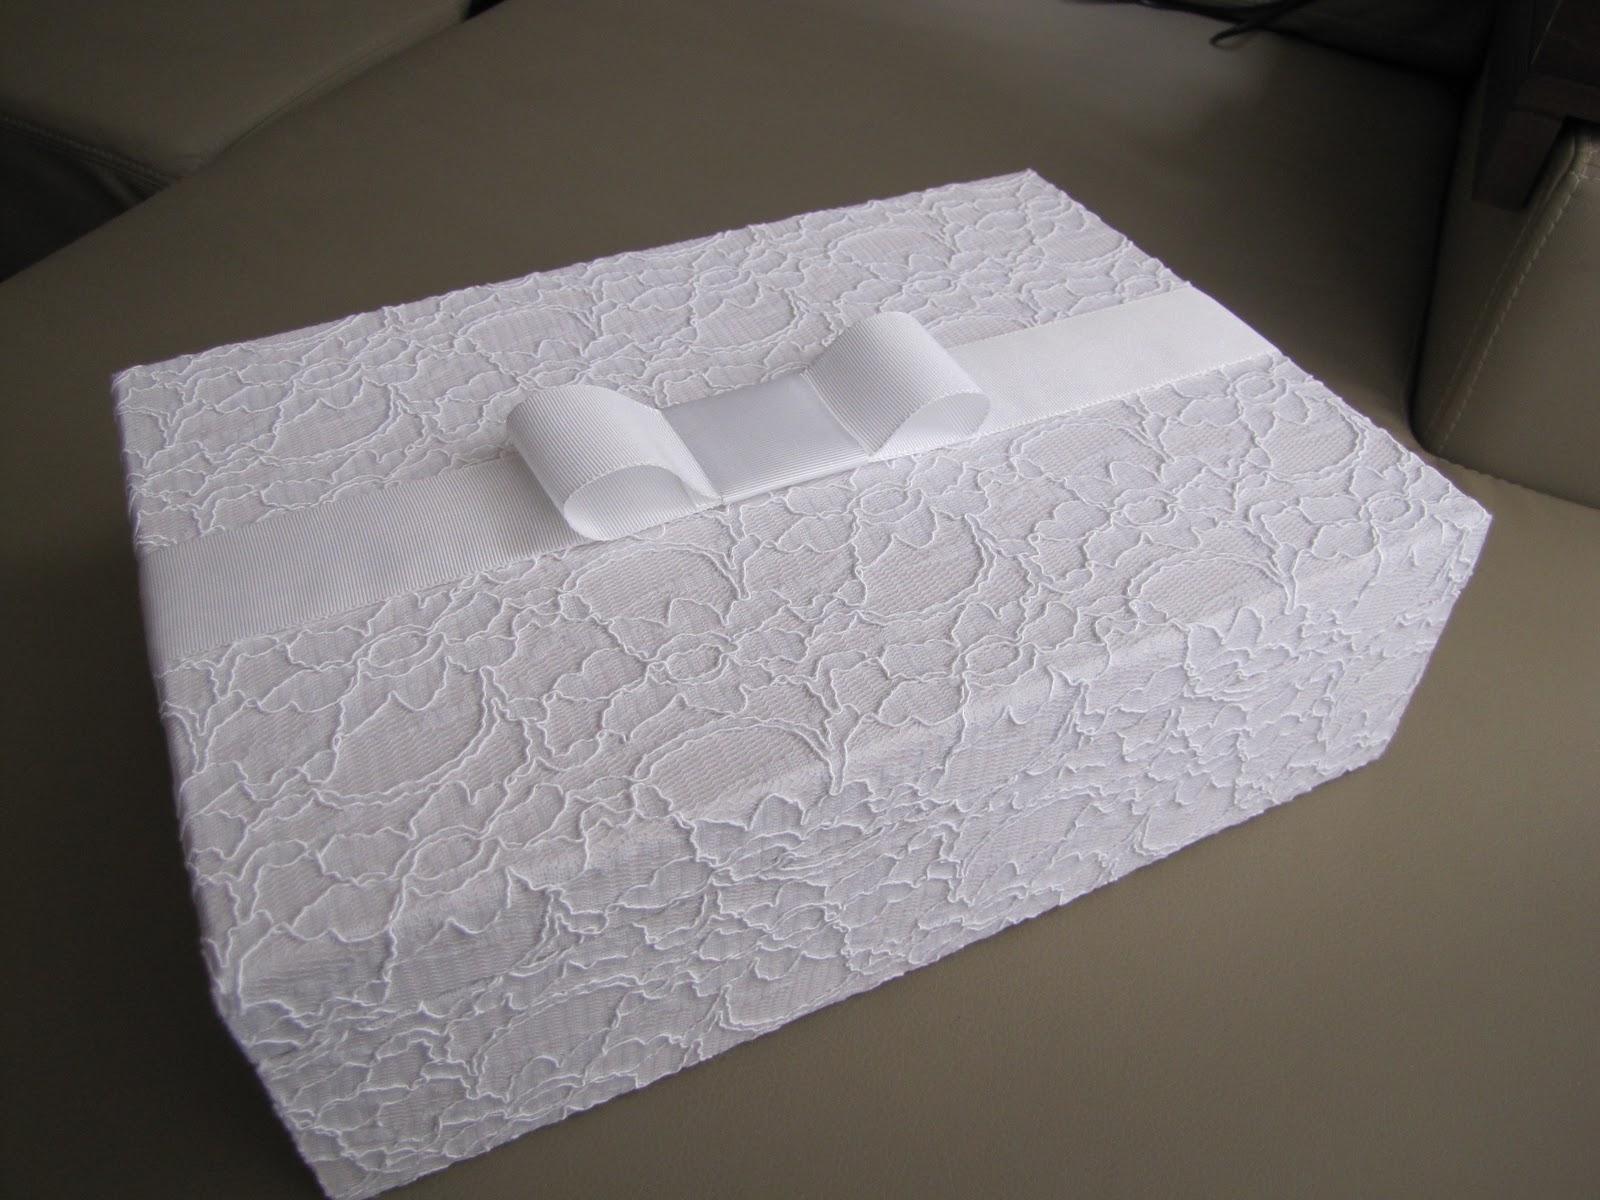 Caixas Personalizadas By Carla Colaferri: Caixas Padrinhos Casamento  #36302A 1600x1200